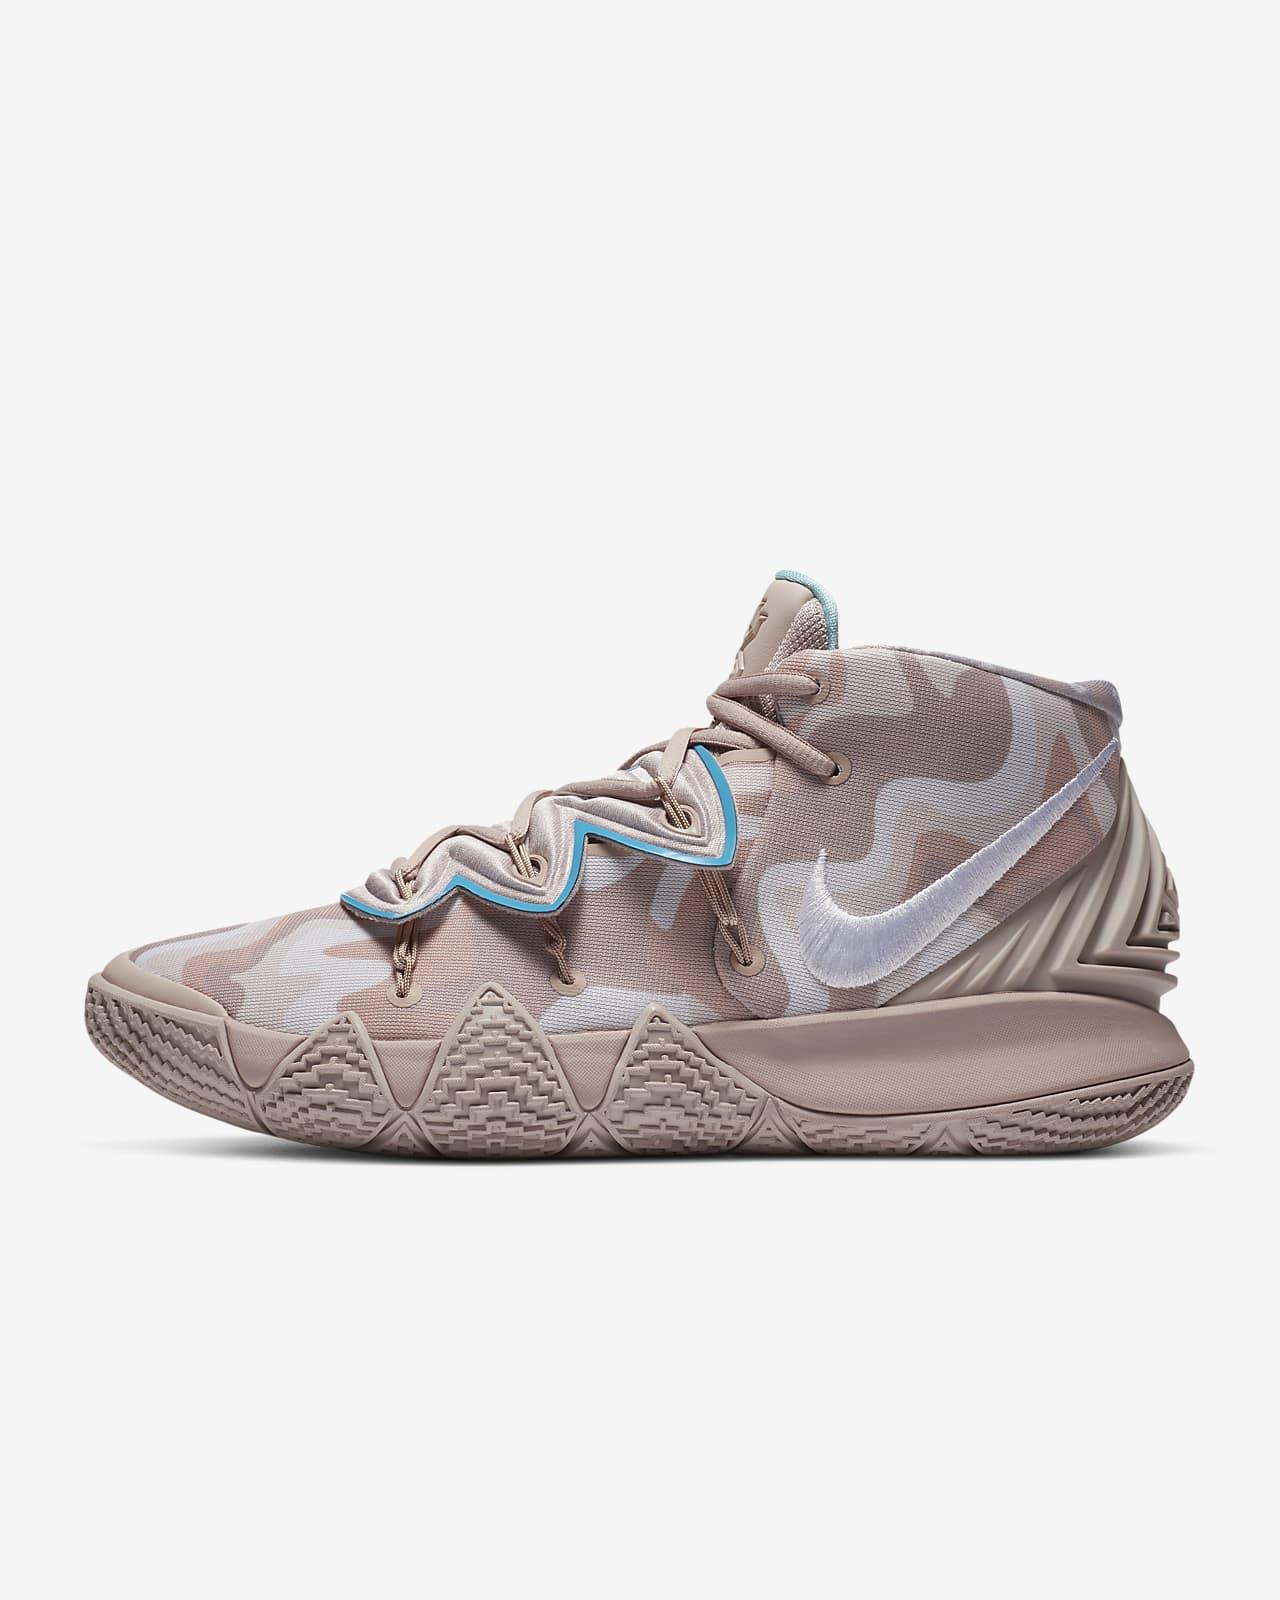 Chaussure de basketball Kybrid S2